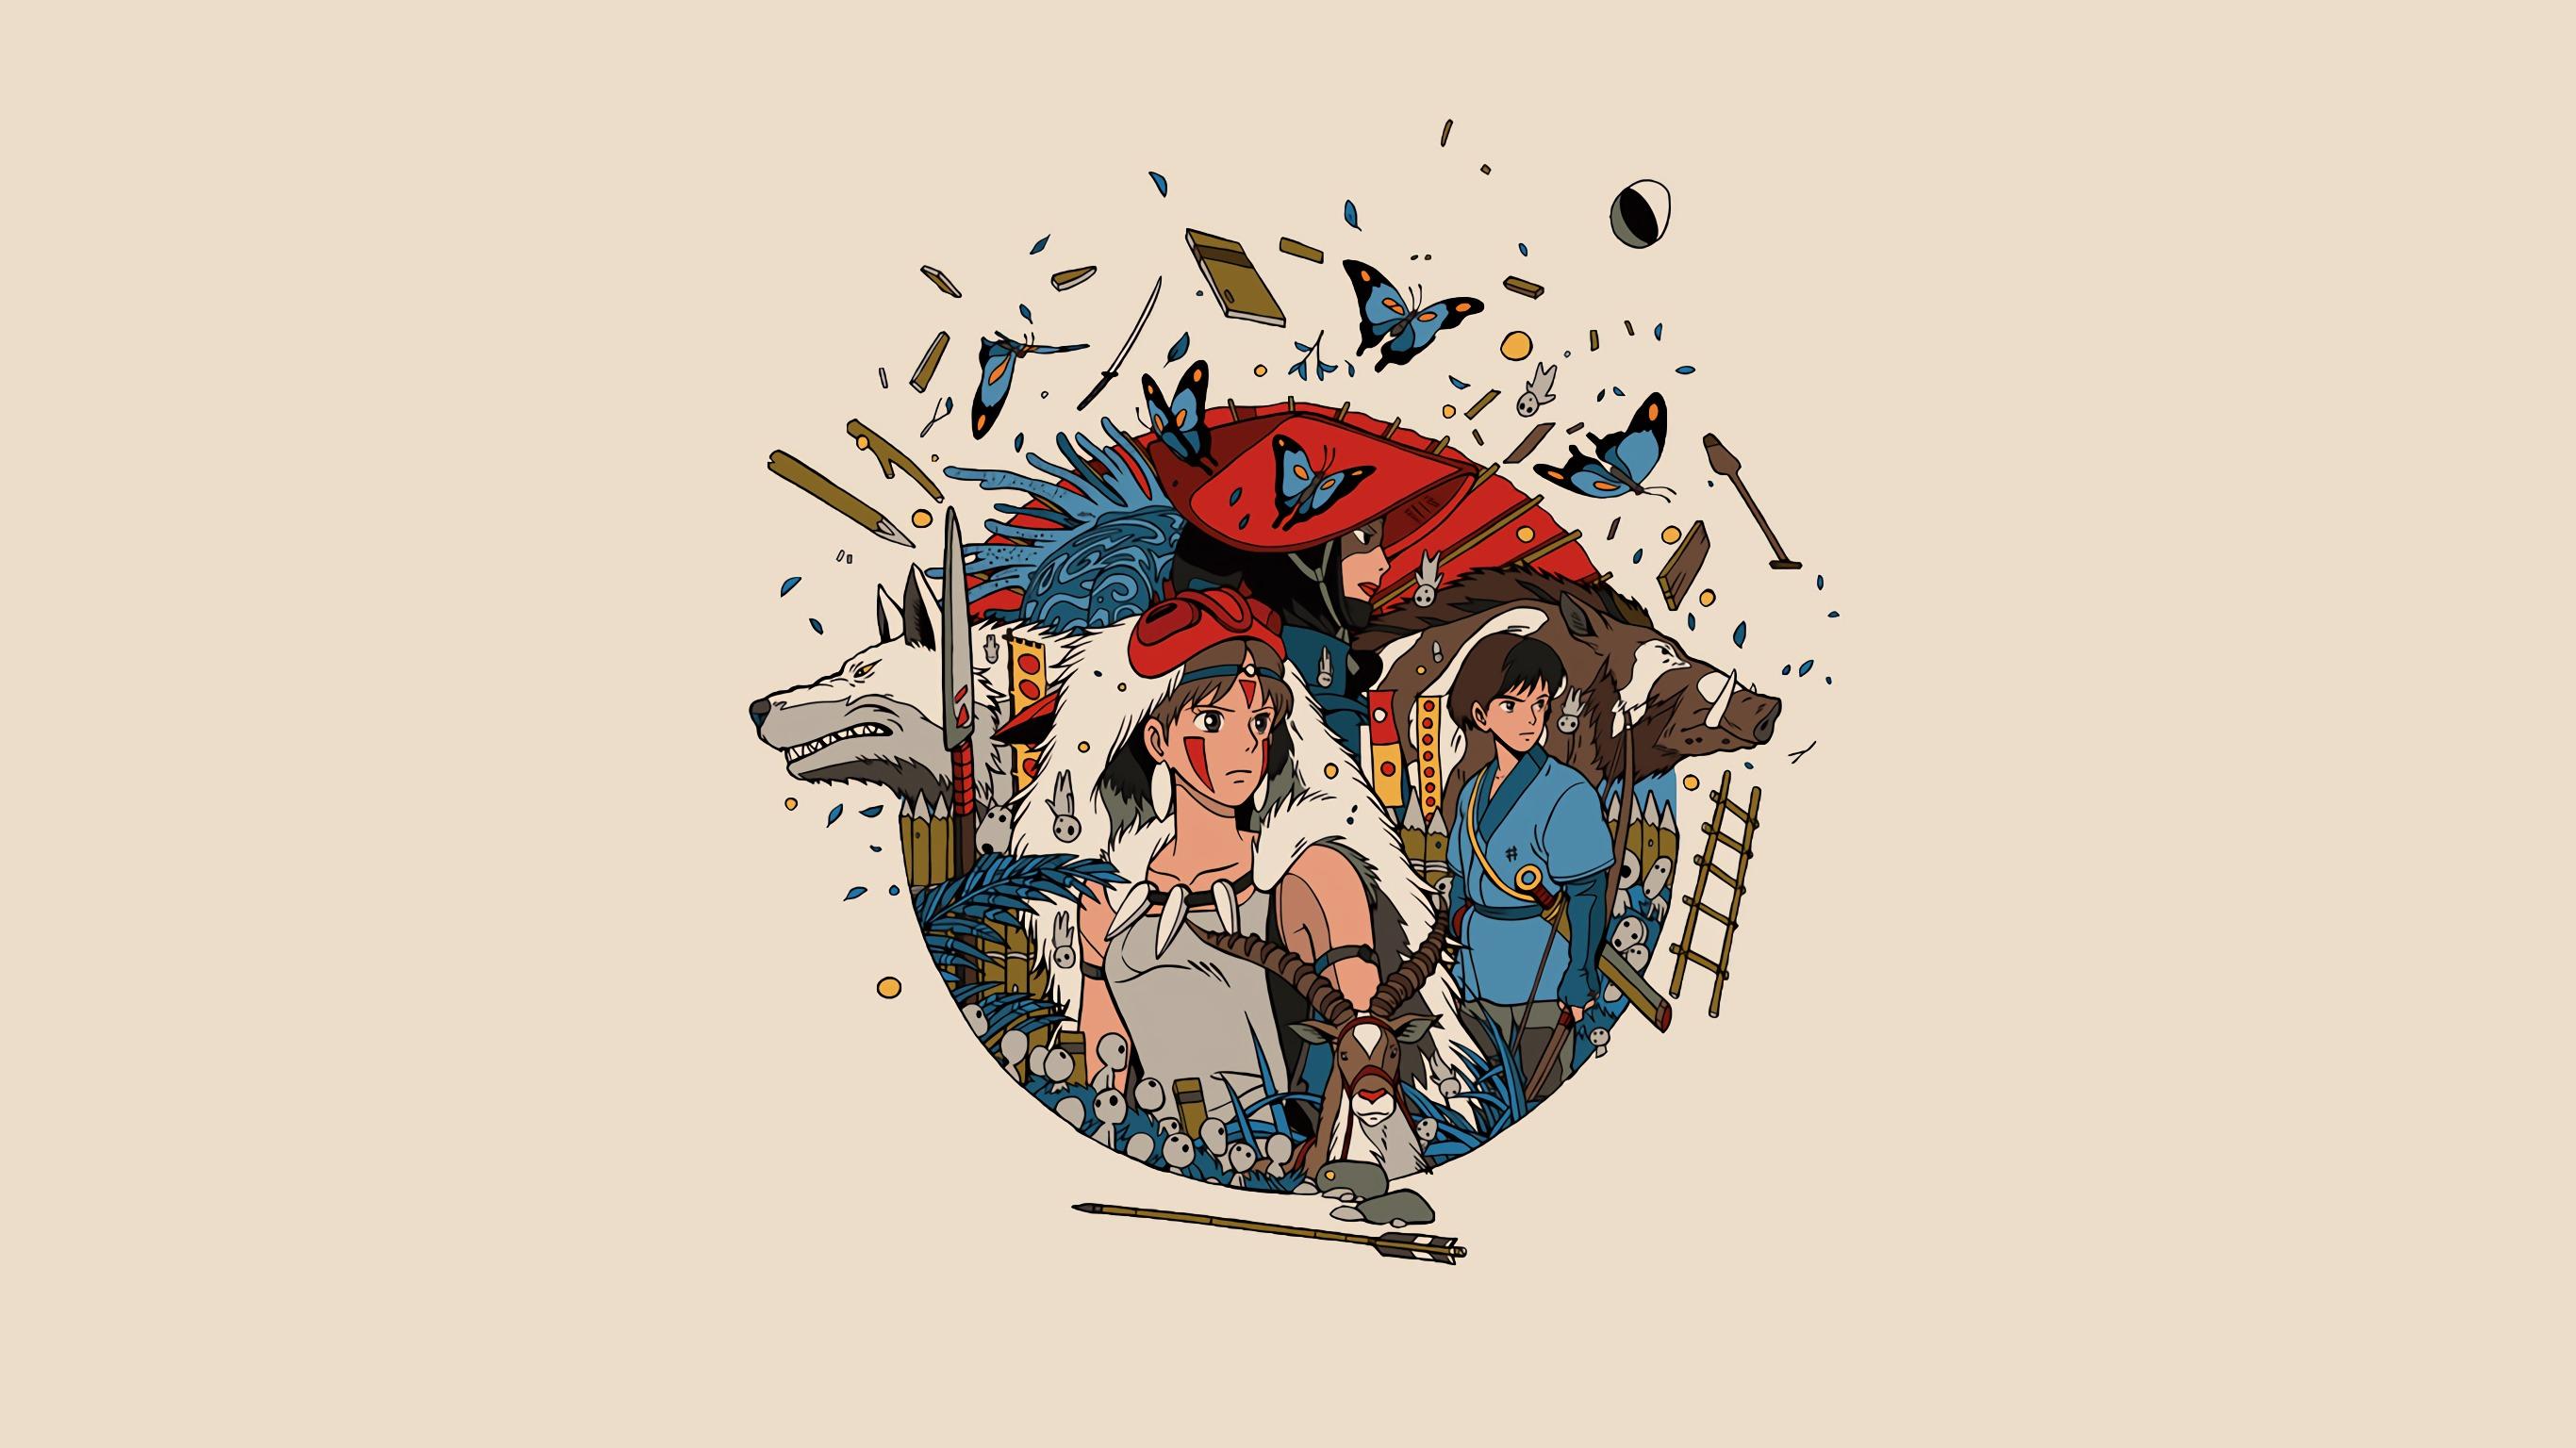 1242x2688 Princess Mononoke Iphone Xs Max Wallpaper Hd Anime 4k